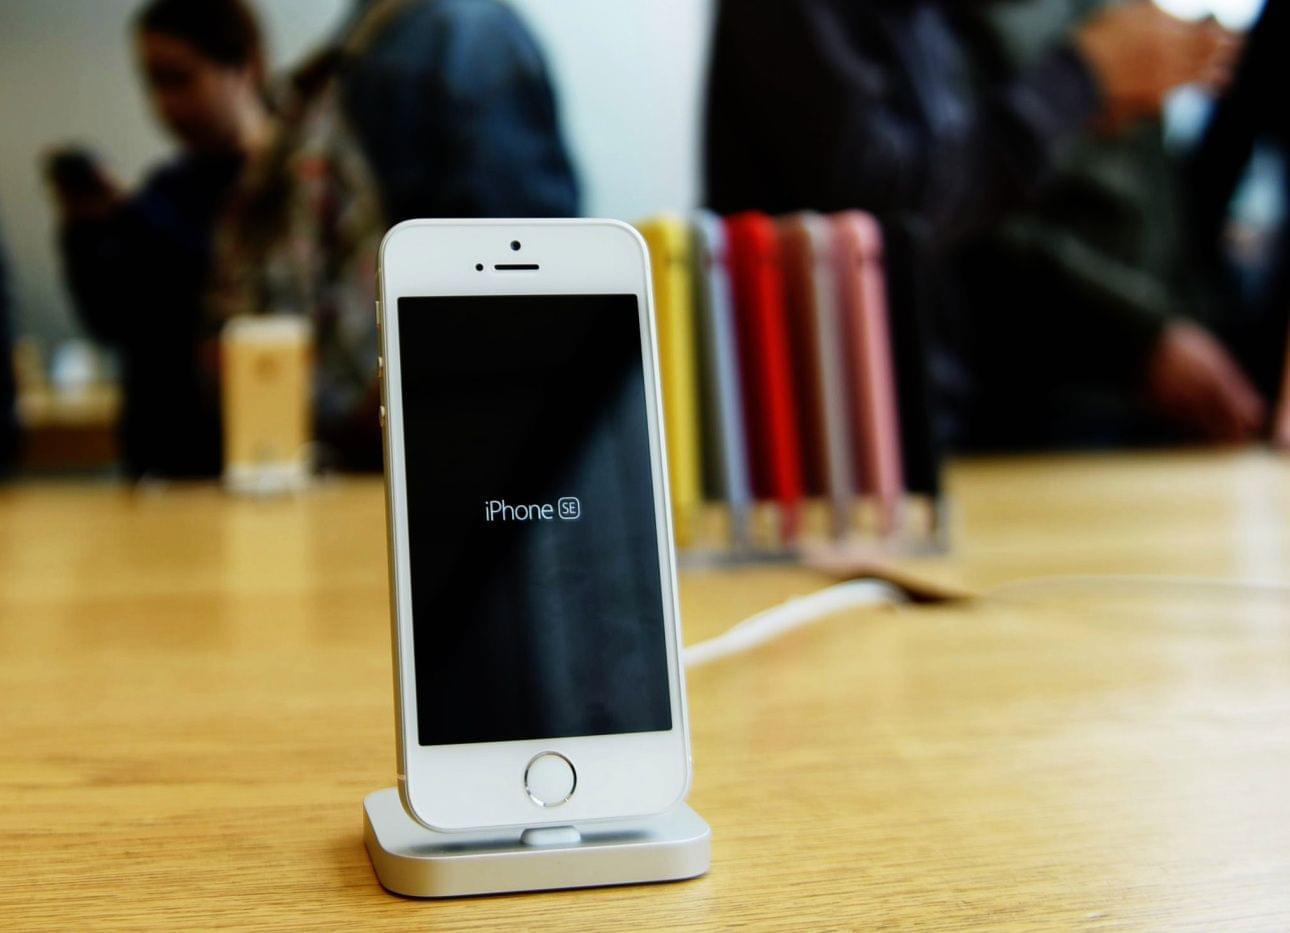 苹果收到搜查令:需解锁德州枪犯iPhone SE